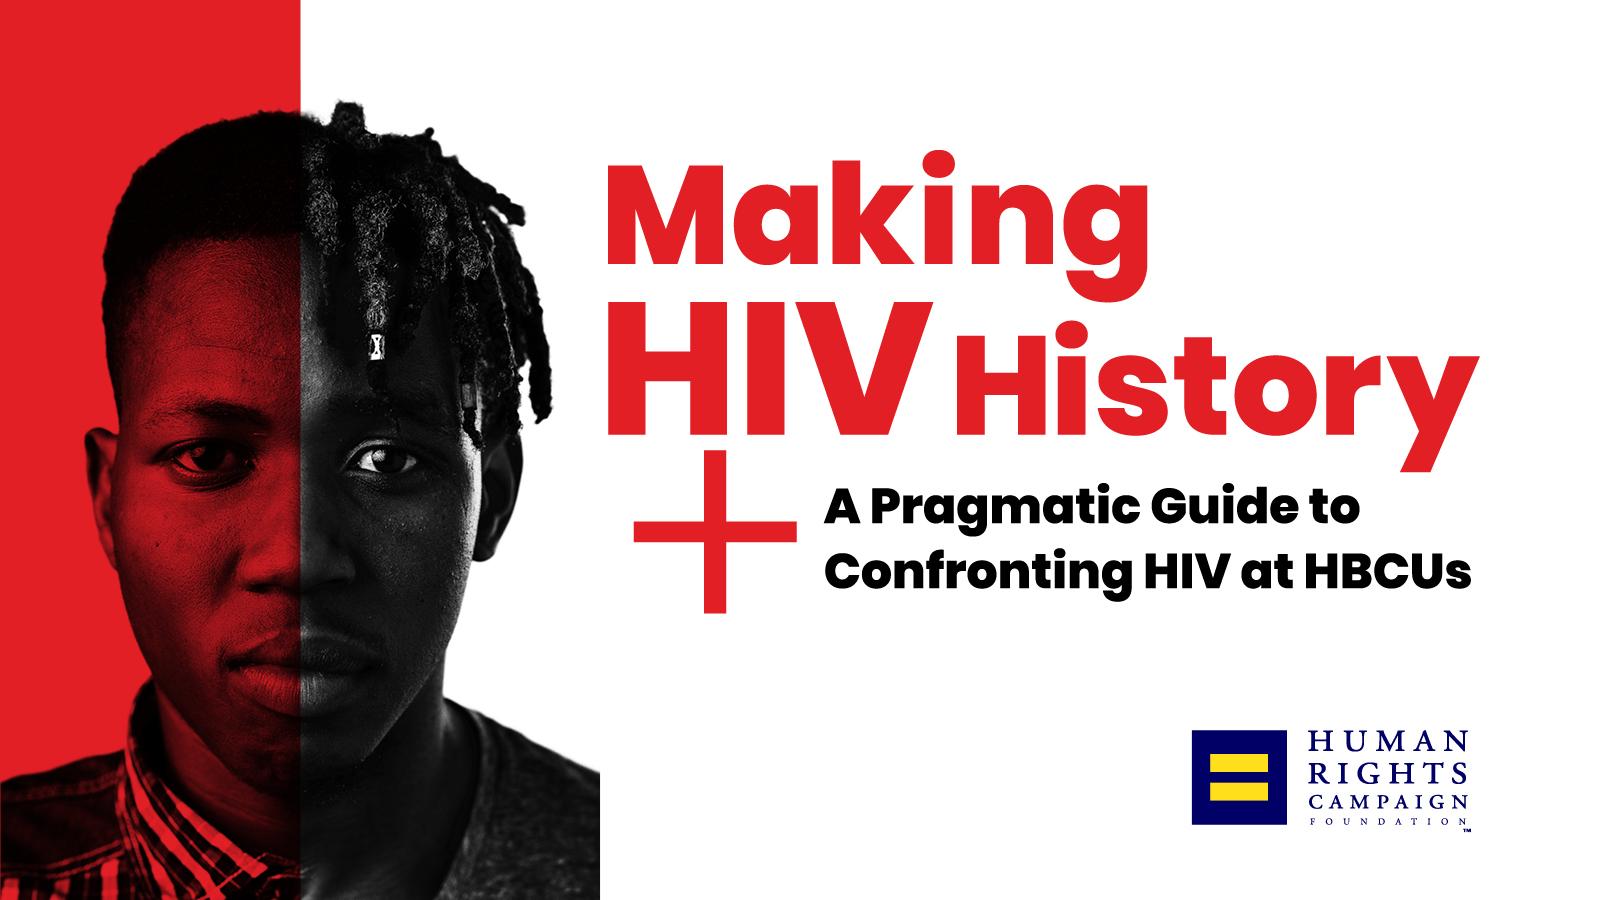 HBCU HIV HRC